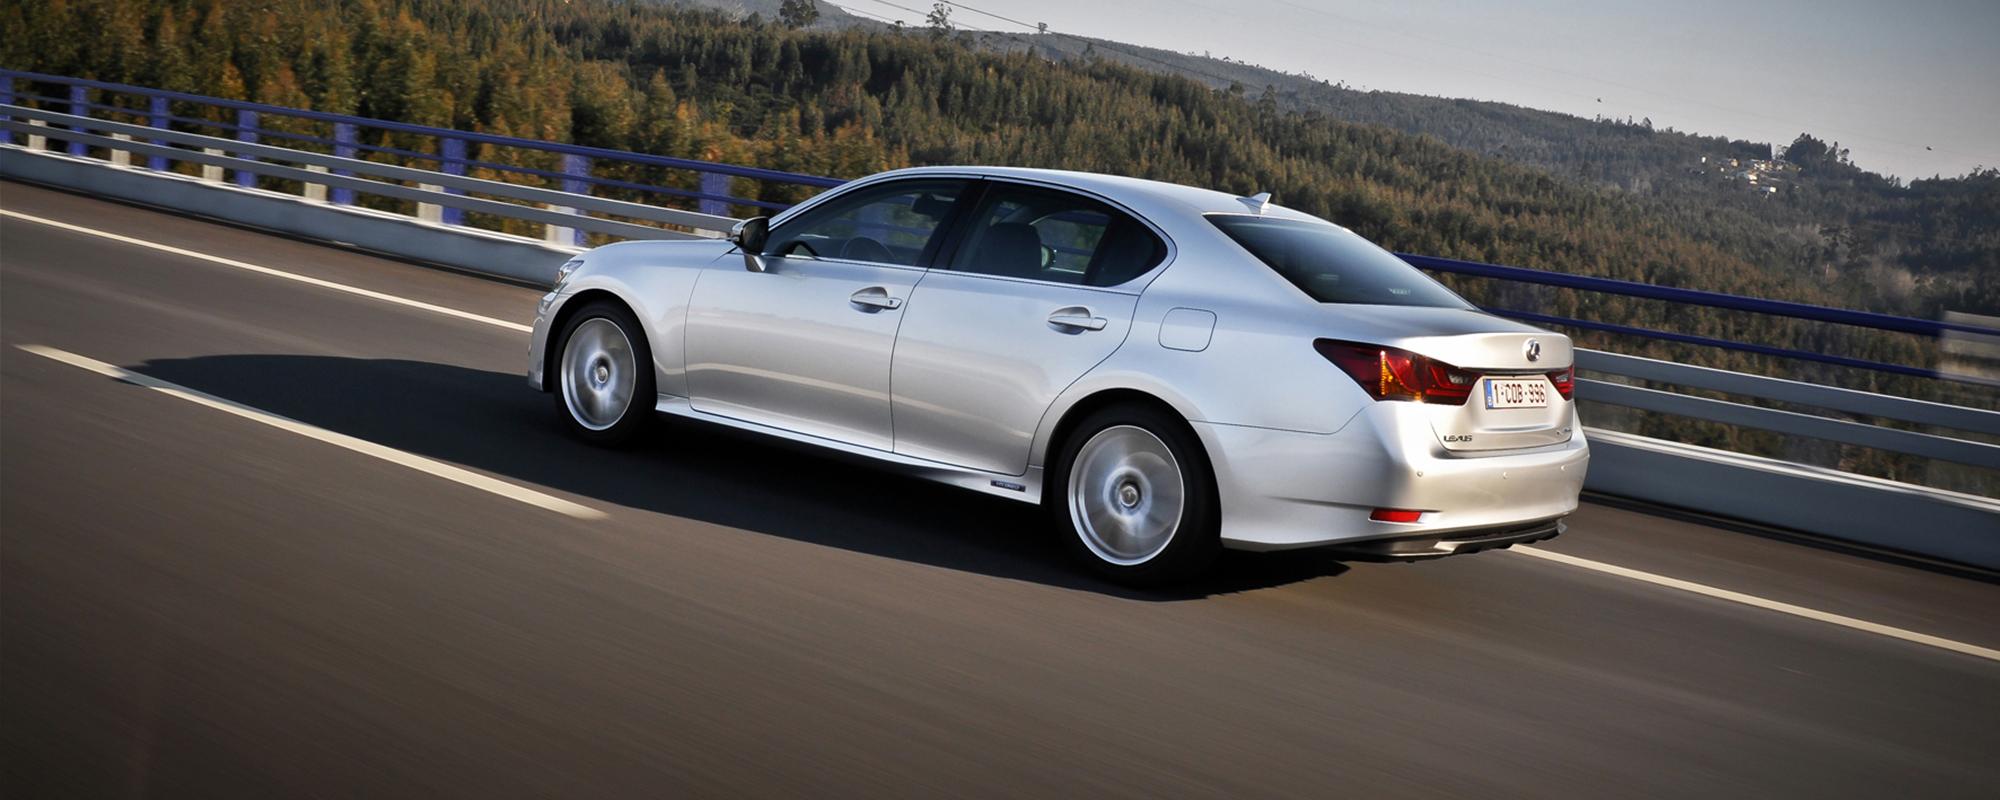 Lexus GS 450h 20th Anniversary trakteert op bijna € 4.500,- voordeel